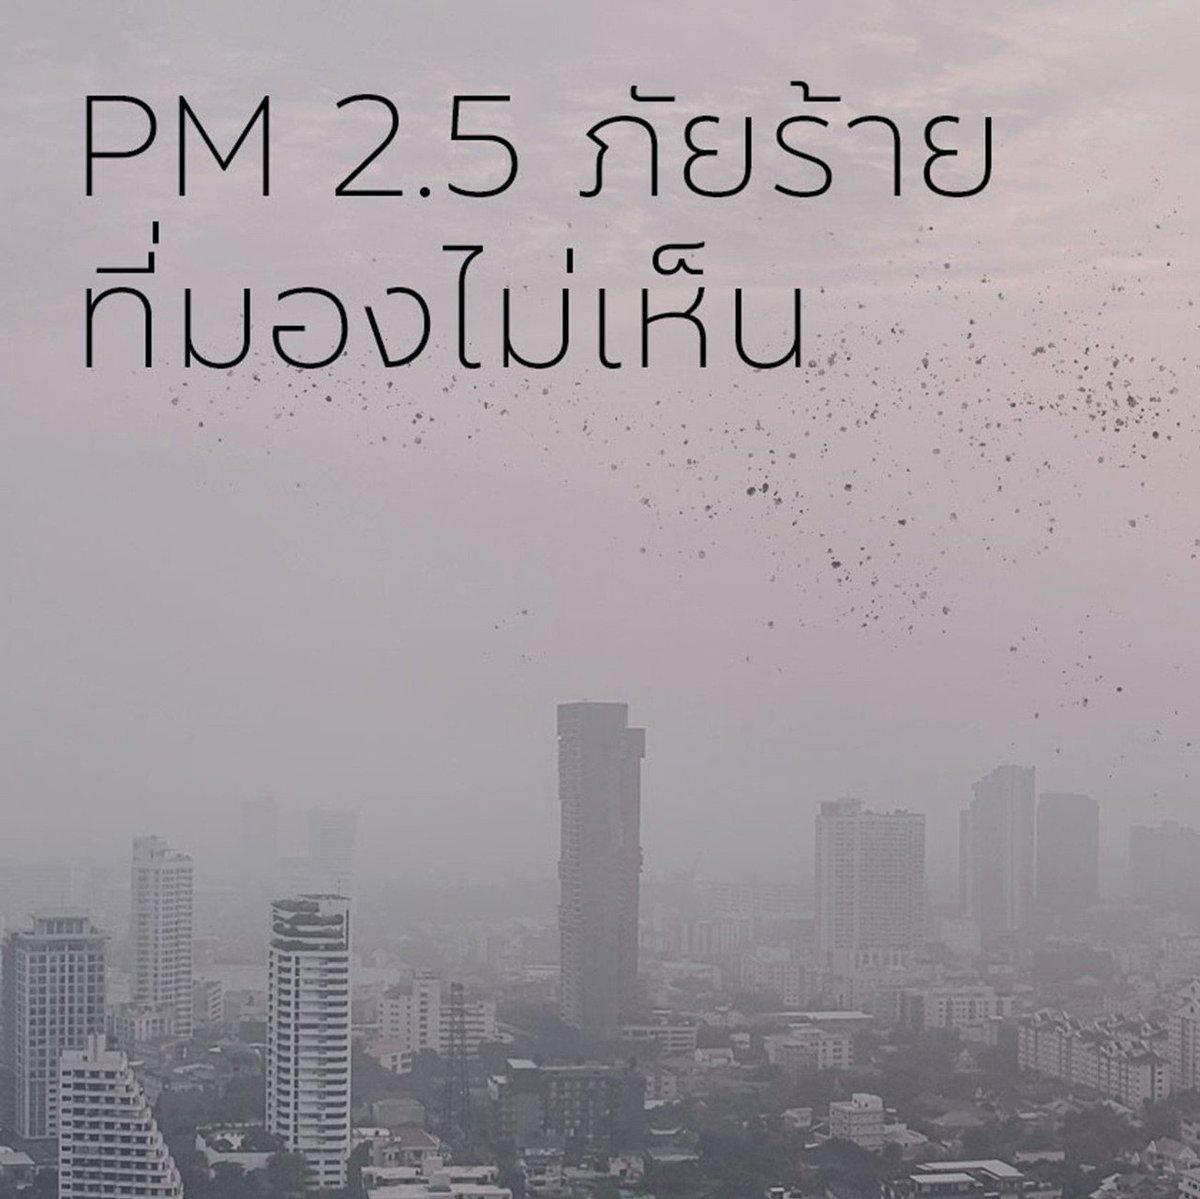 ฝุ่นละออง PM2.5 คืออะไร…แล้วเราควรรับมืออย่างไรกับภัยร้ายที่มองไม่เห็นนี้ พบคำตอบได้ที่นี่ http://wu.to/RxxiOI #UNET #MaquiPlus #UVExpert #Sunscreen #Gluta #PM2.5 #InvisibleThreats #HealthyImmunity